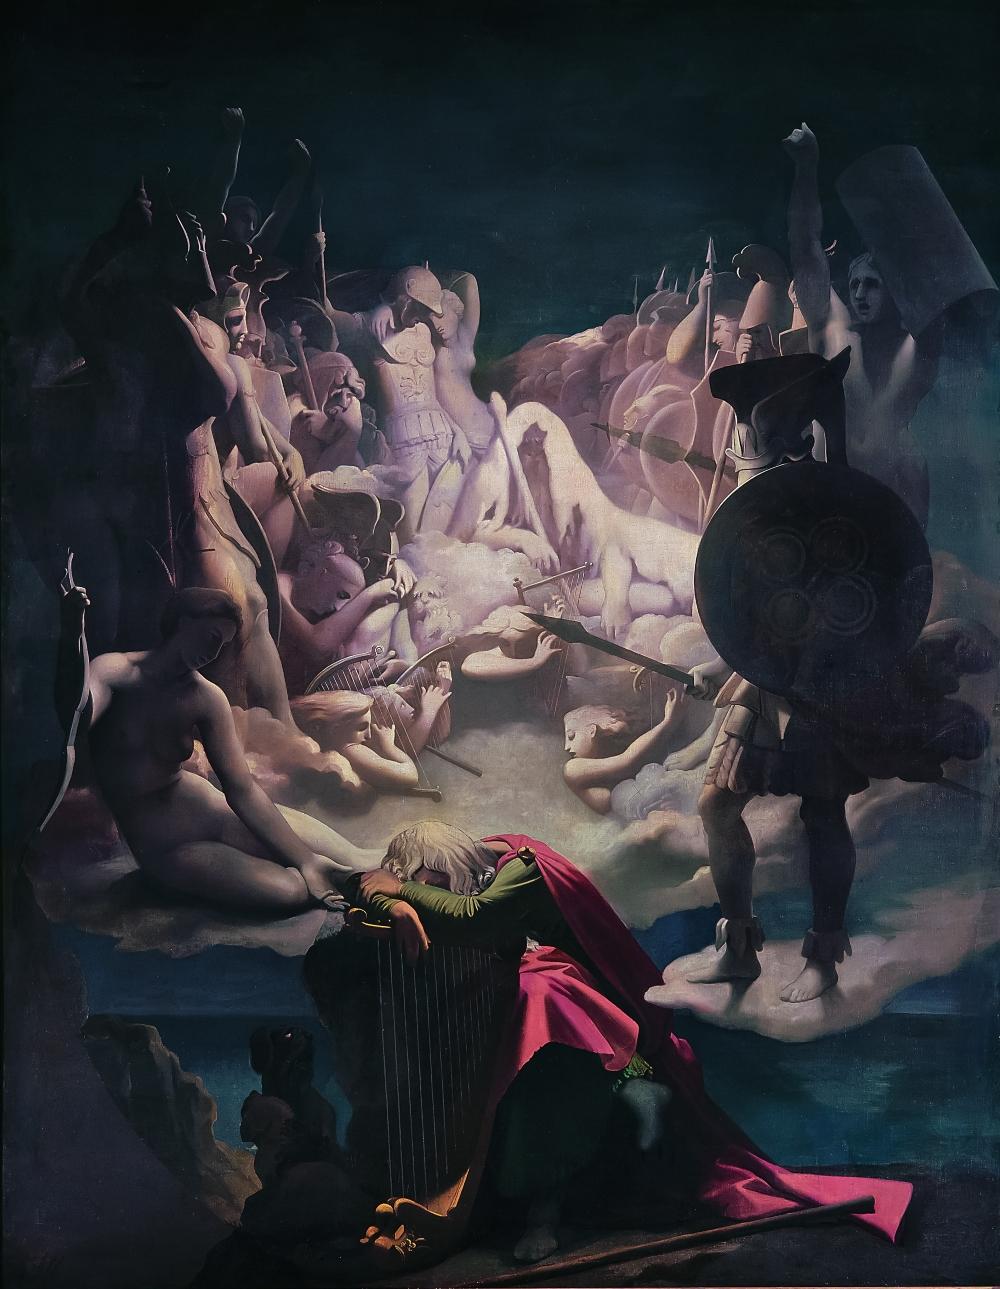 Jean-Auguste-Dominique Ingres (1780-1867), Le Songe d'Ossian, plafond de la chambre de l'Empereur au palais de Monte Cavallo, 1813, huile sur toile. Montauban, musée Ingres. Photo © RMN-Grand Palais / Art Resource, NY / Agence Bulloz.